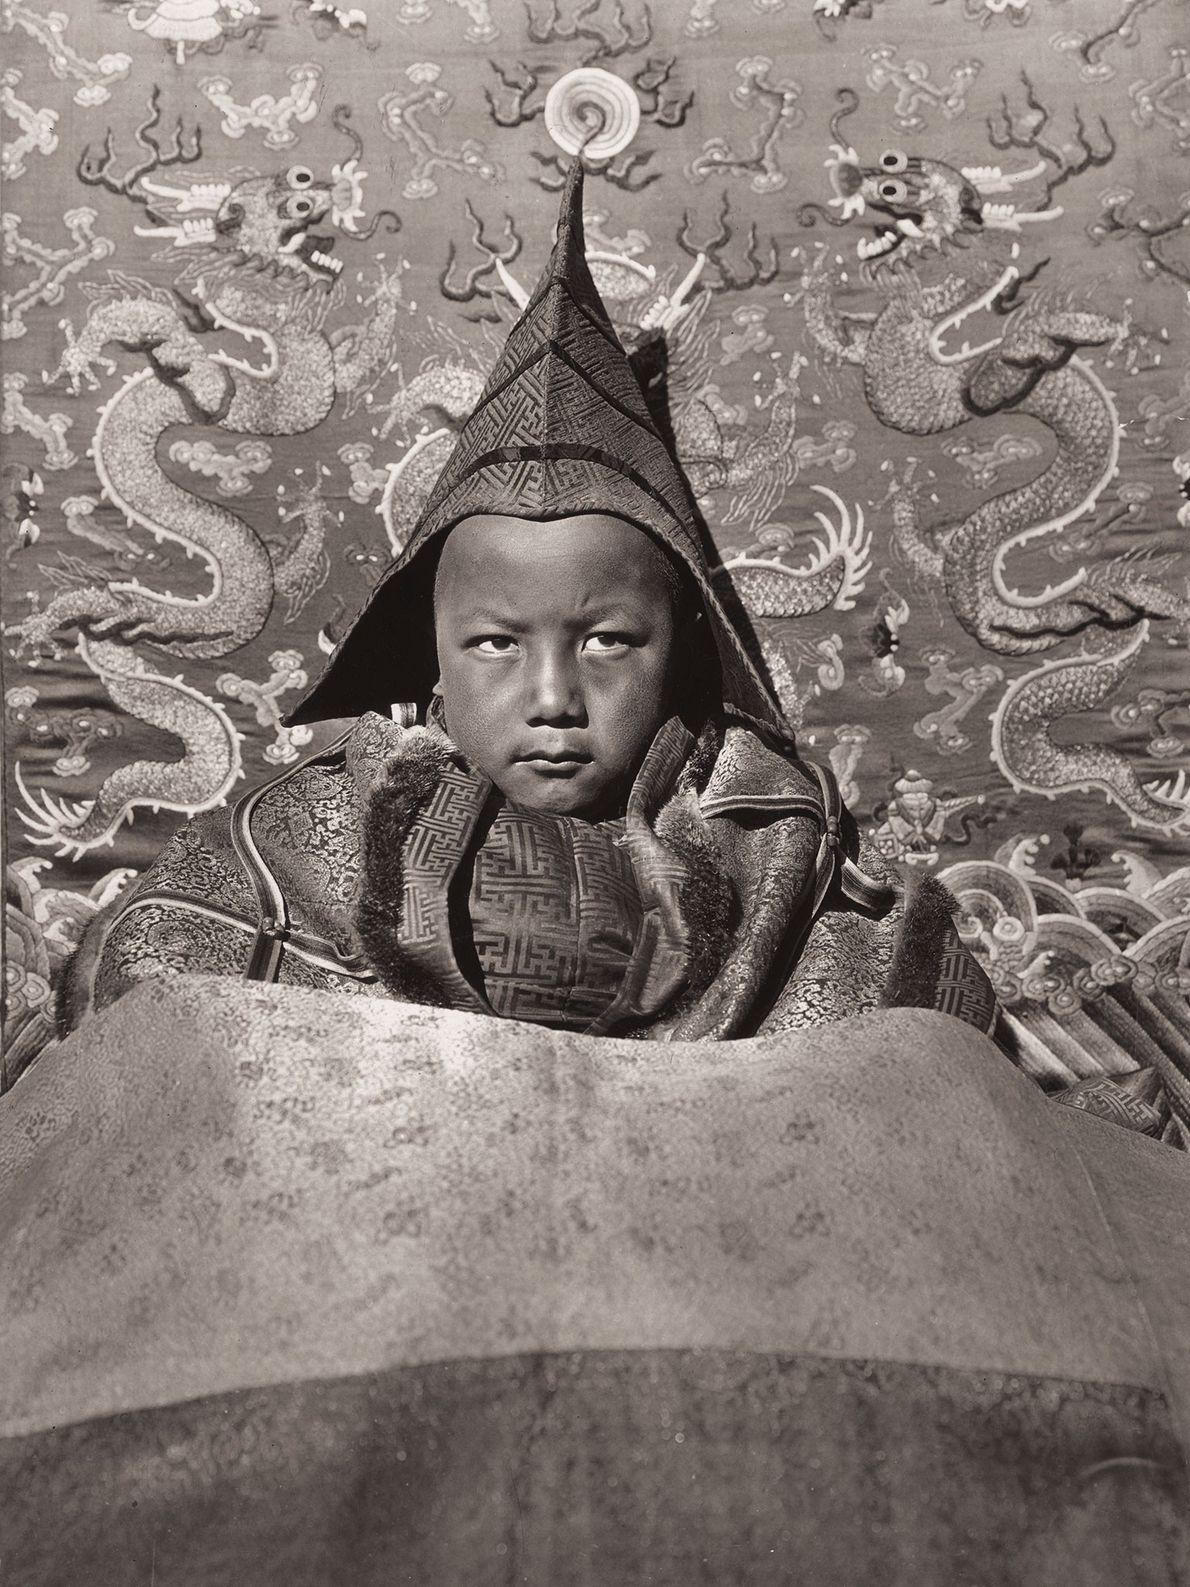 Der junge lebende Buddha von Guya, der im Alter von sechs Jahren ein Kloster leitete, trägt ...